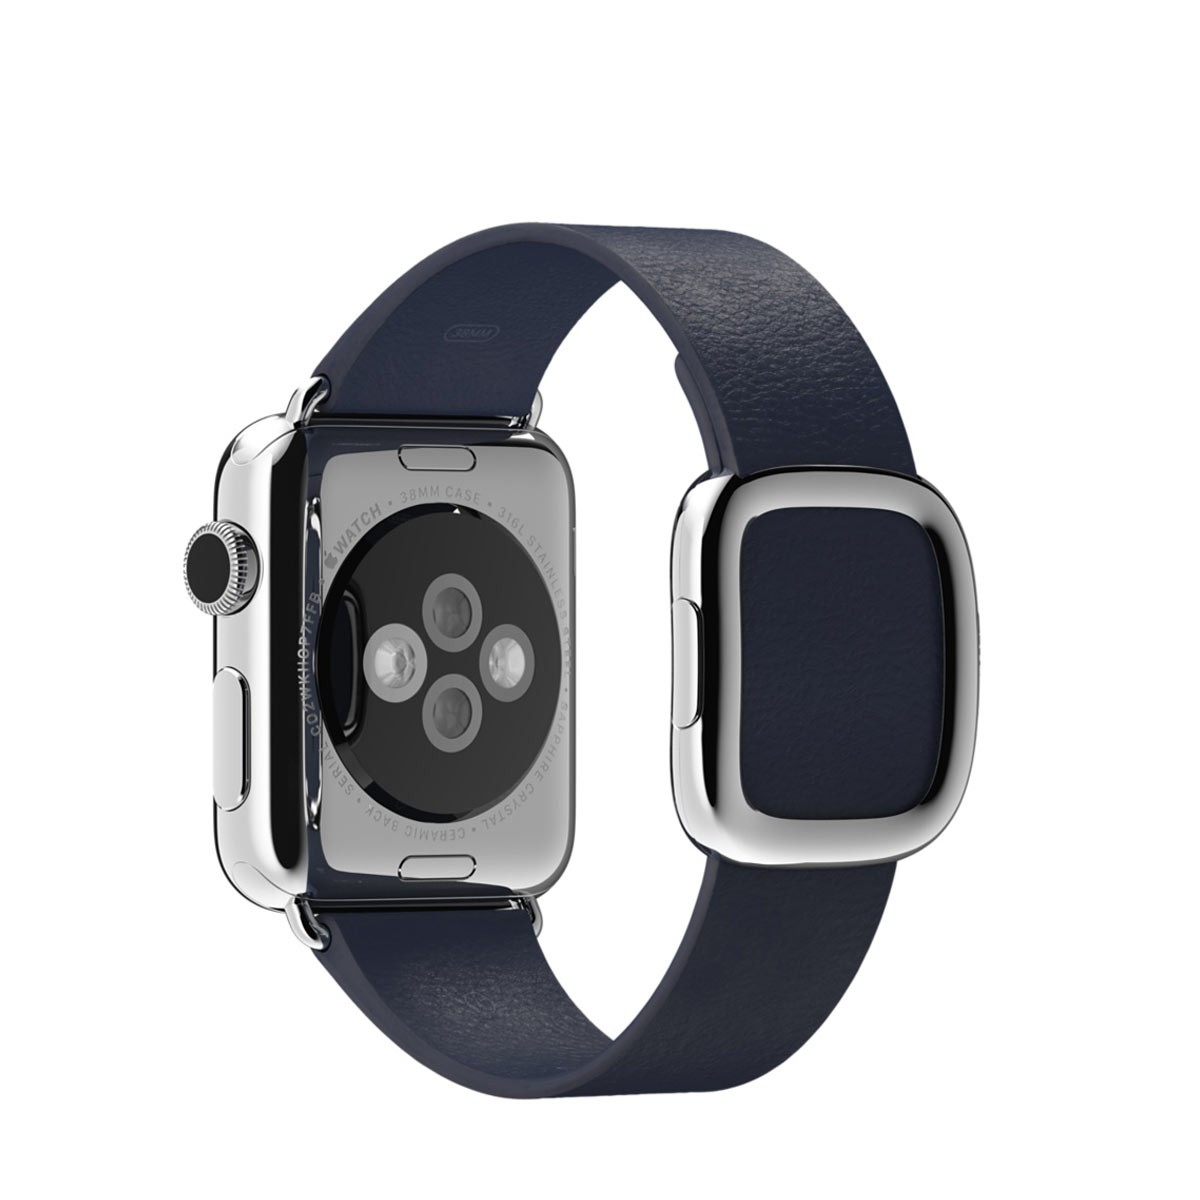 Apple 38mm půlnočně modrý řemínek s moderní přezkou – střední